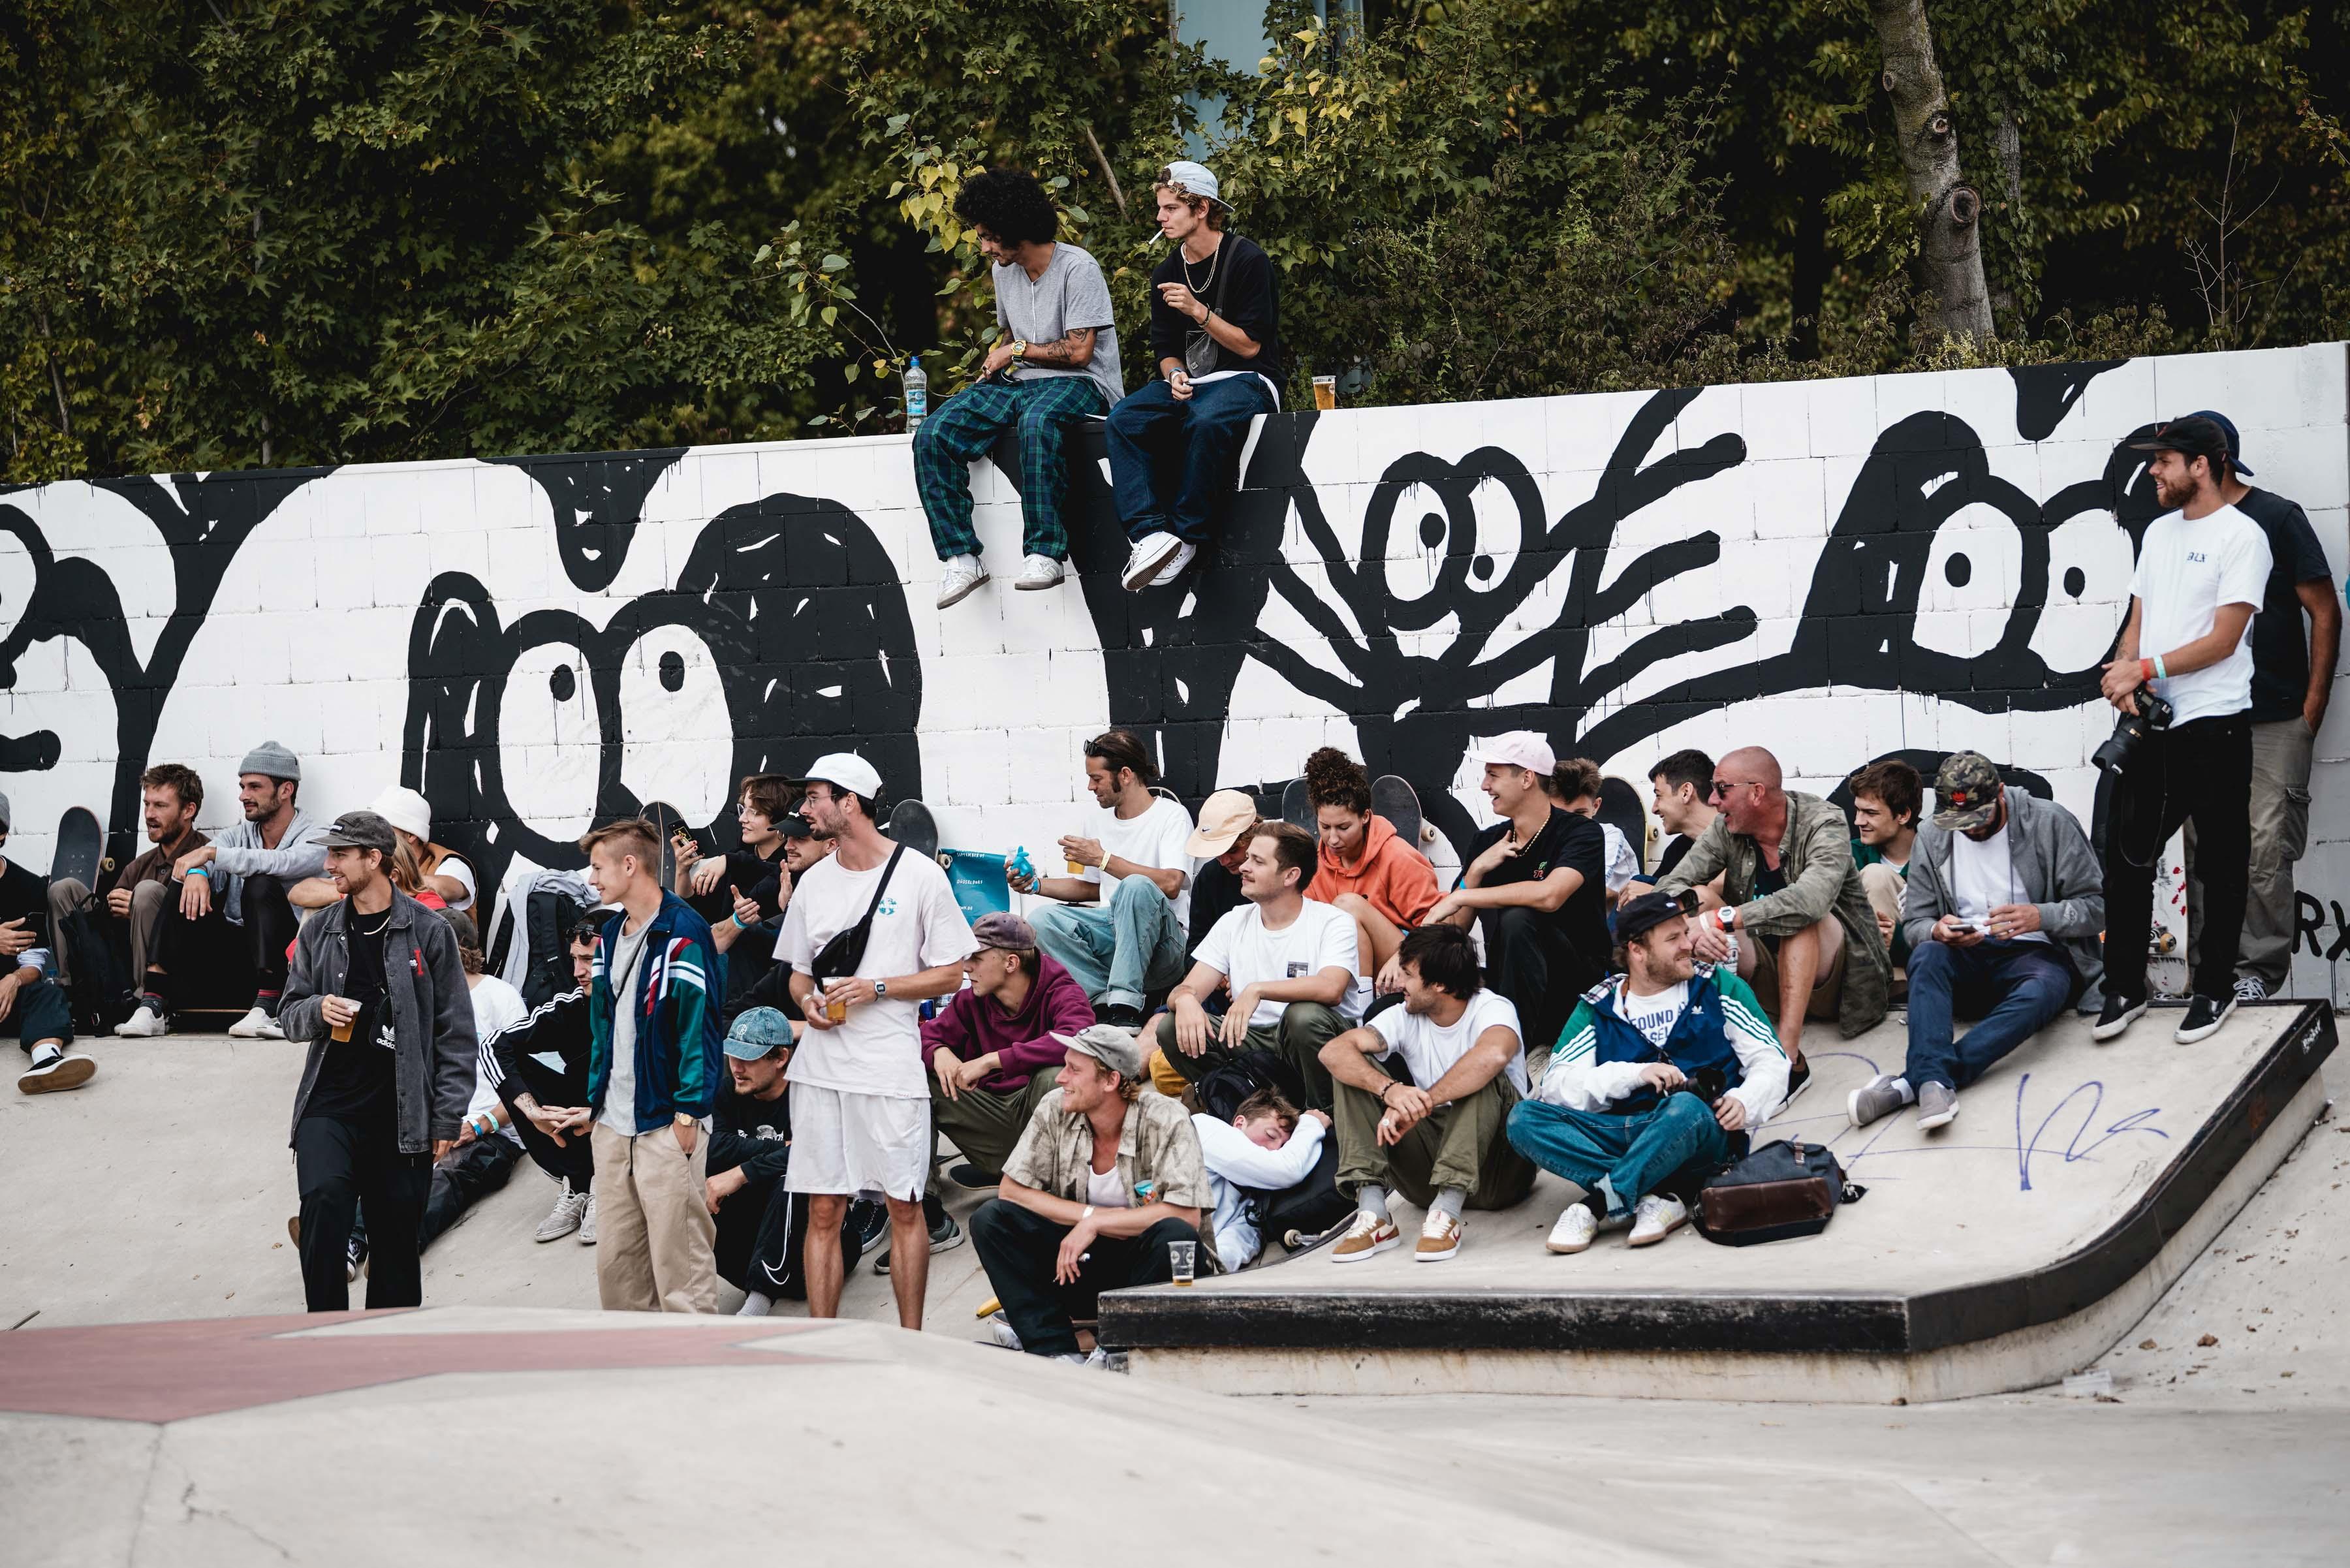 Skateboard Meisterschaft